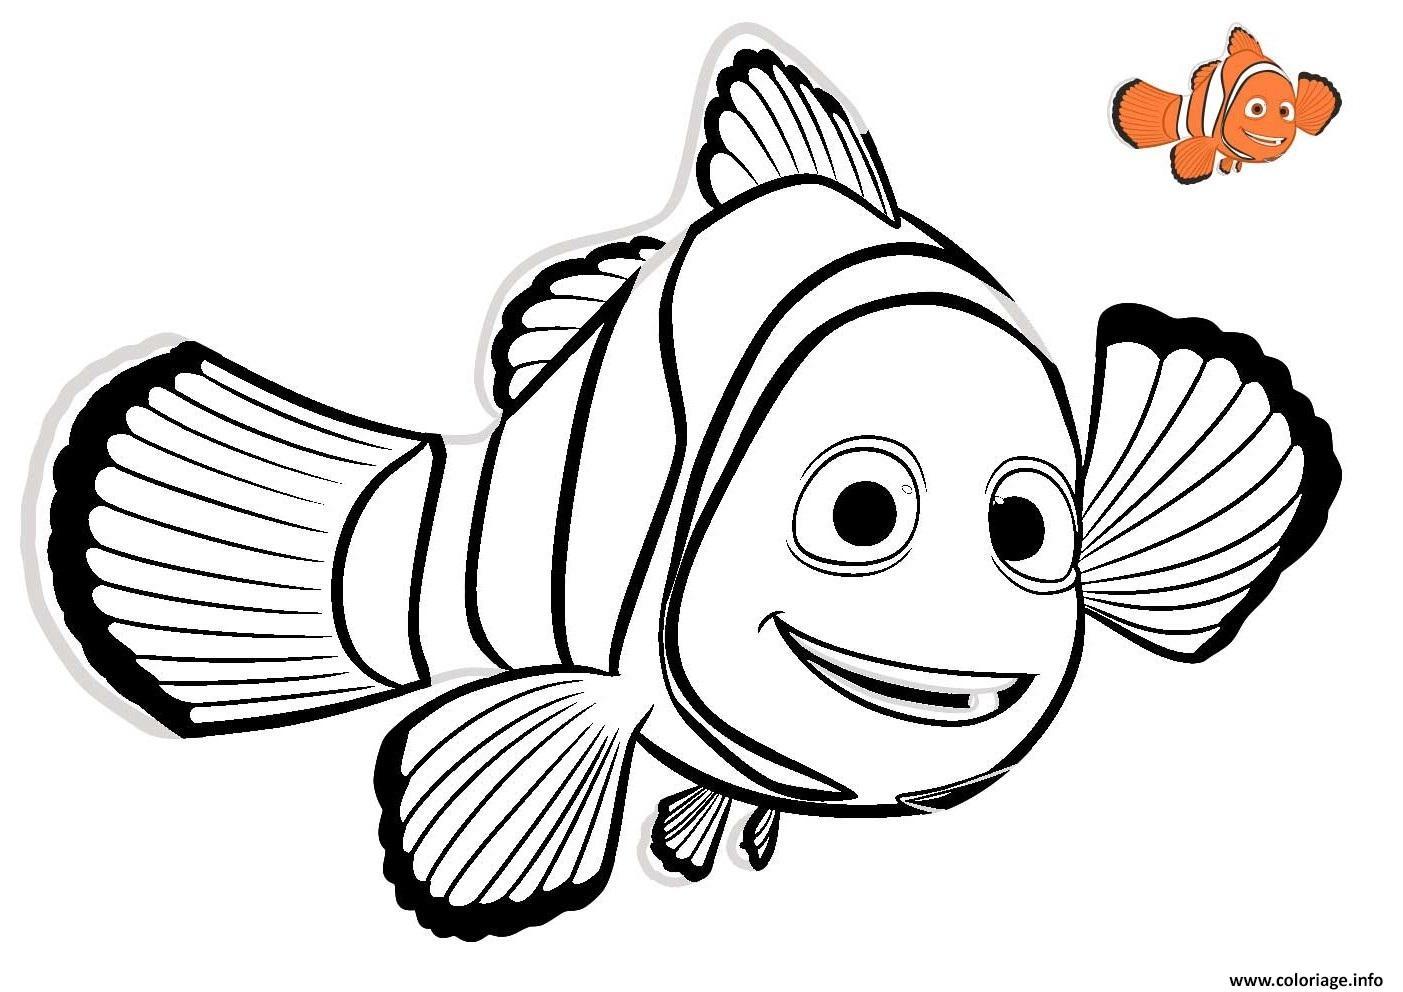 Coloriage nemo 2 poisson rouge disney - Image de poisson a imprimer ...